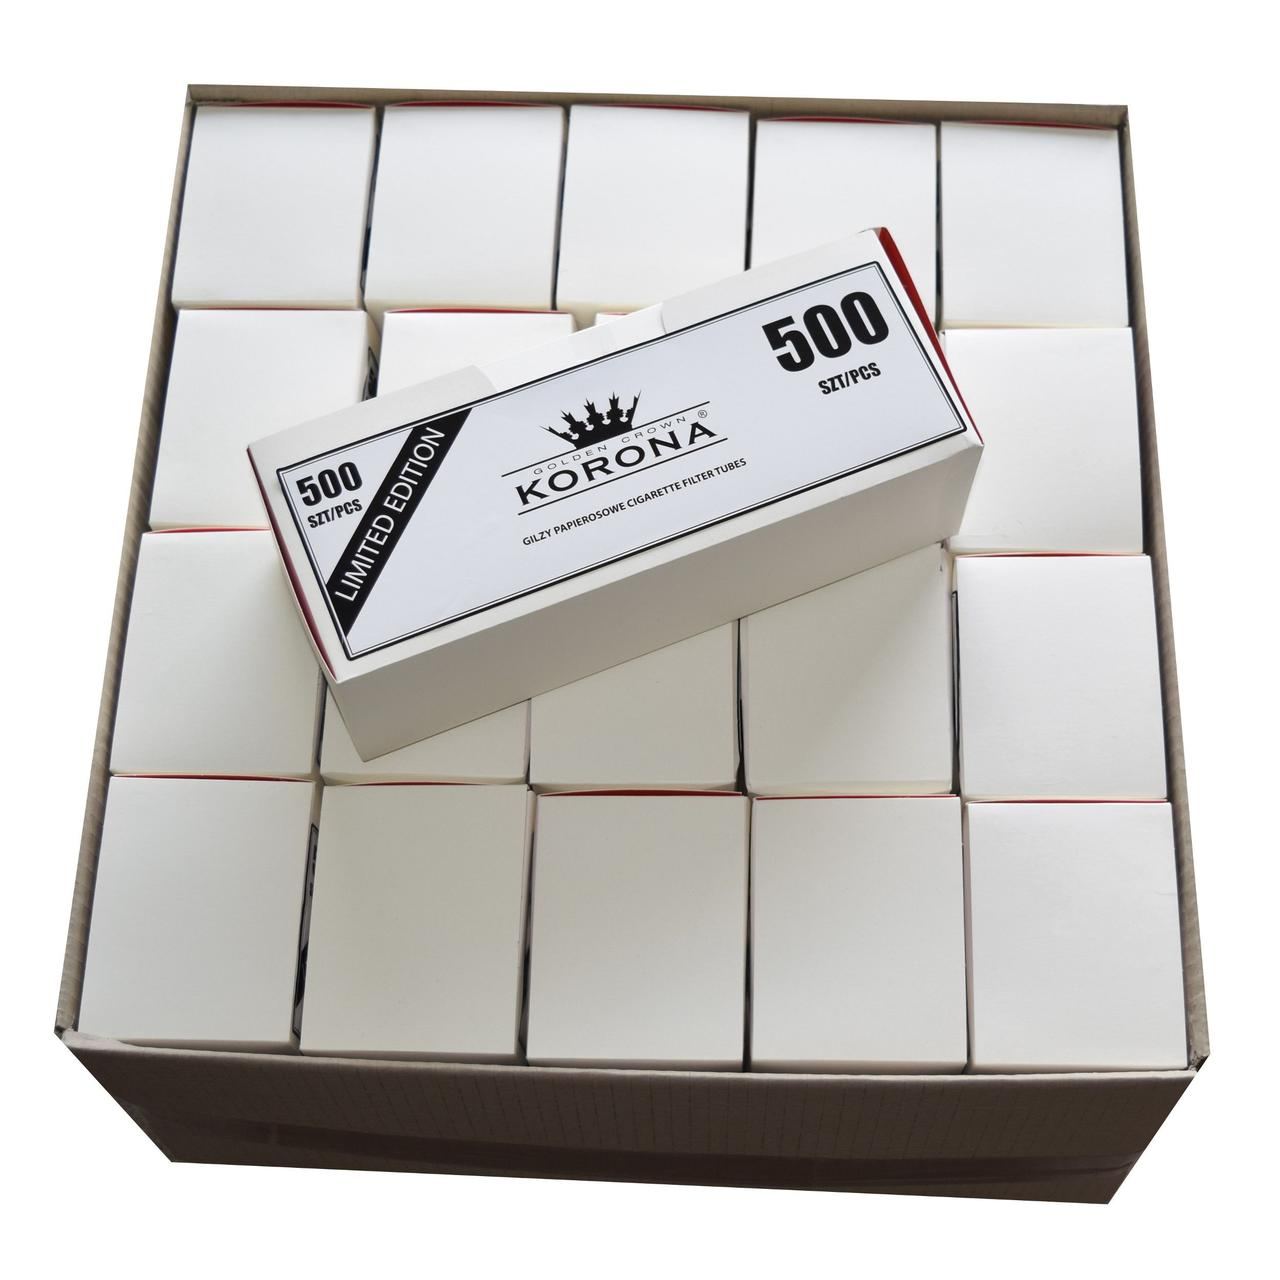 Продажа табака оптом и в розницу запрет одноразовых электронных сигарет на продажу